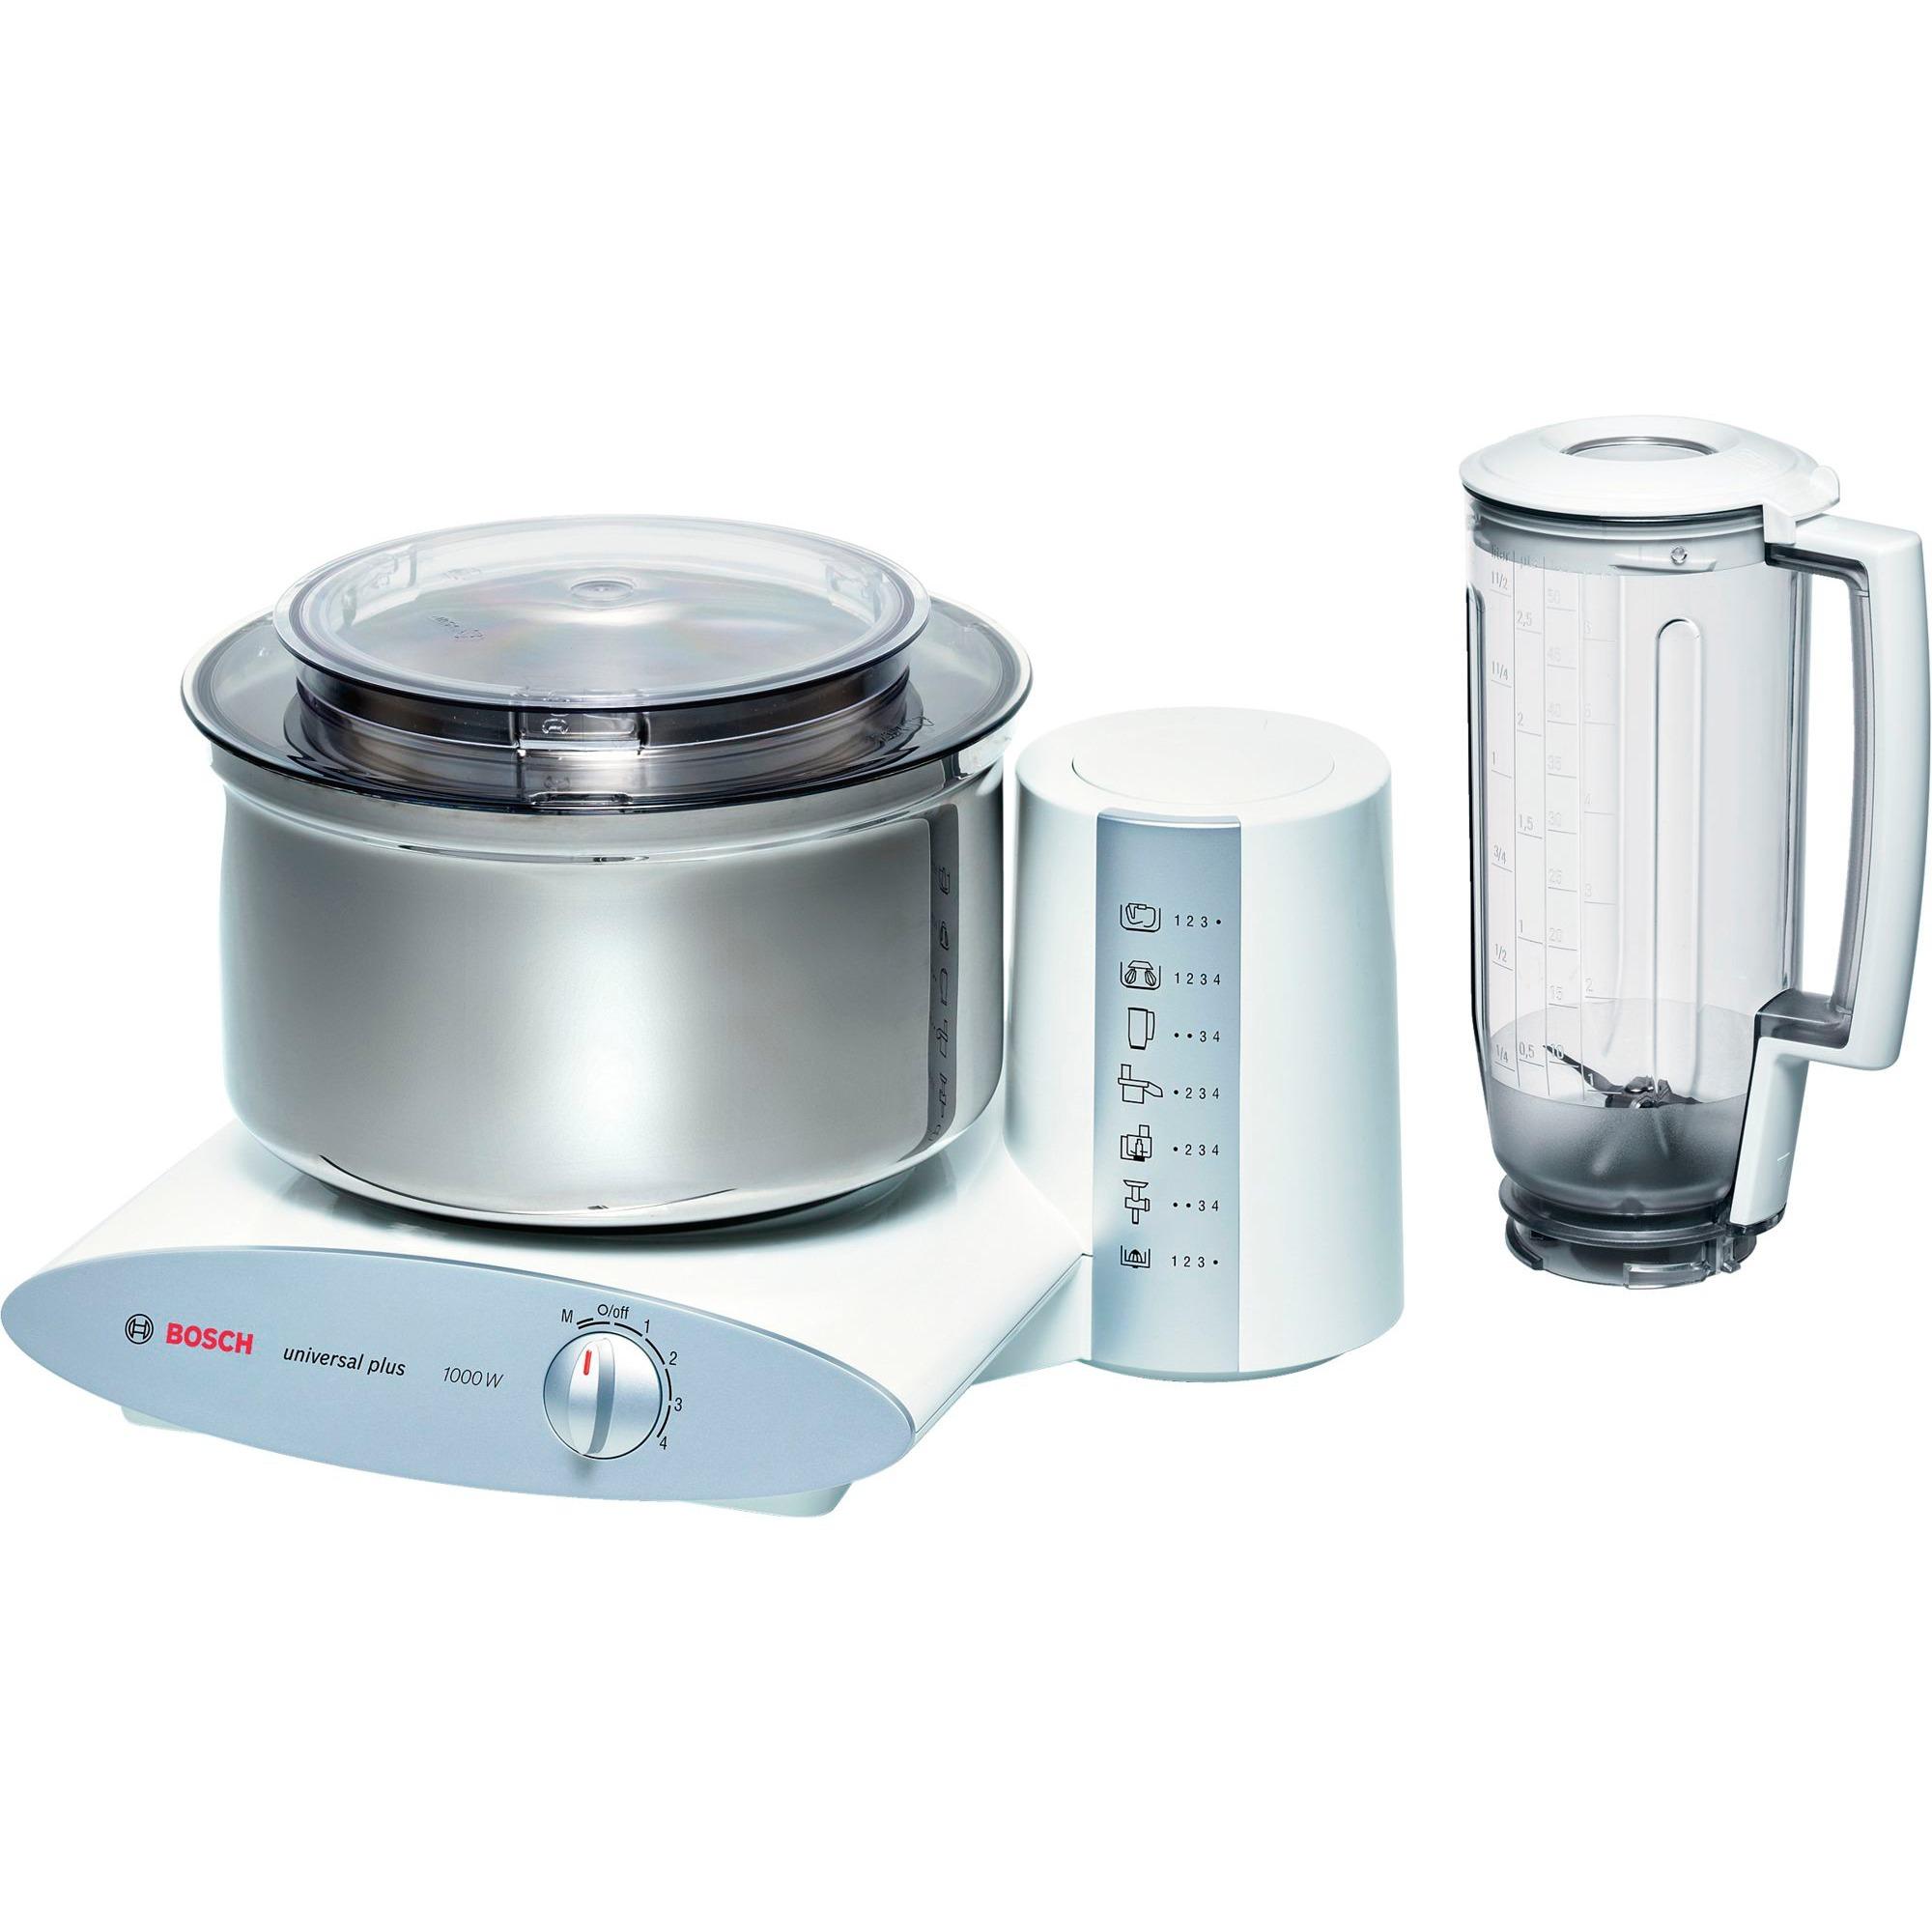 máquina de cocina MUM6N21 universal plus